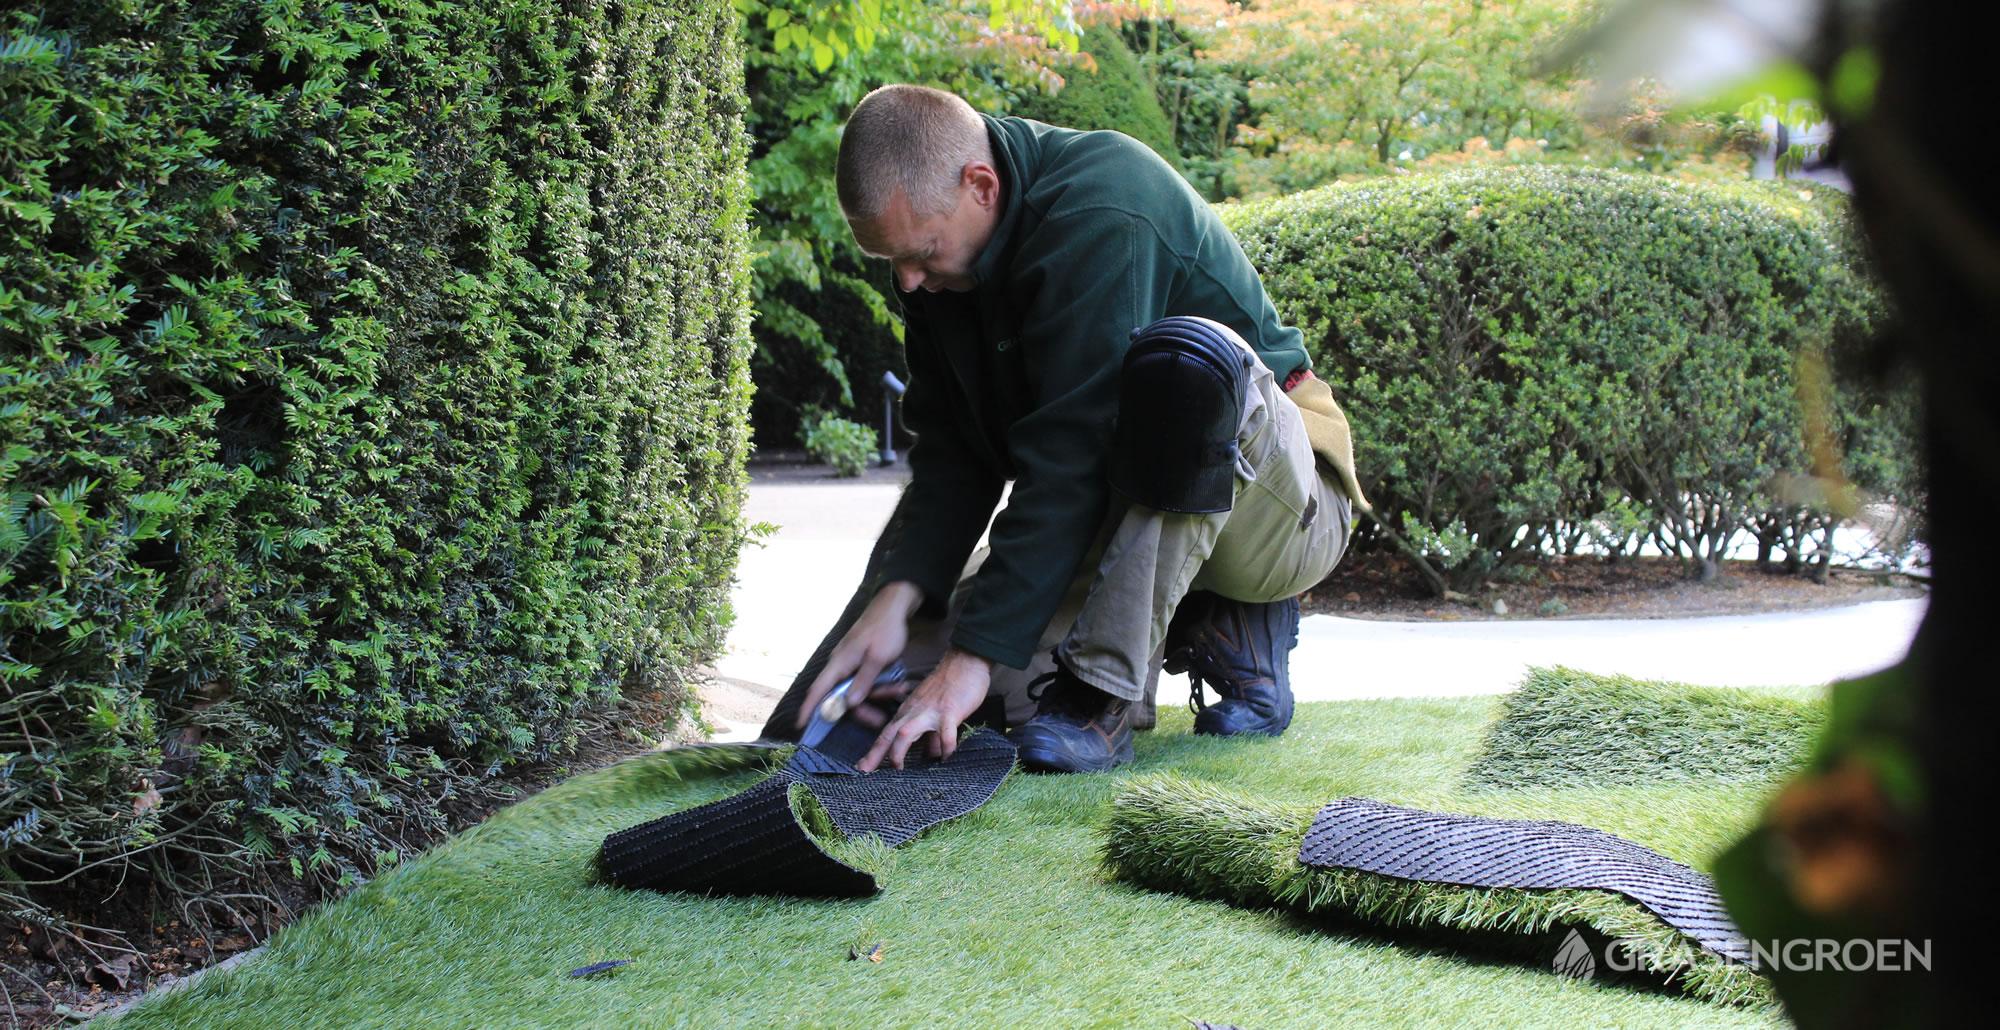 Kunstgrasleggenschilde14 • Gras en Groen Kunstgras